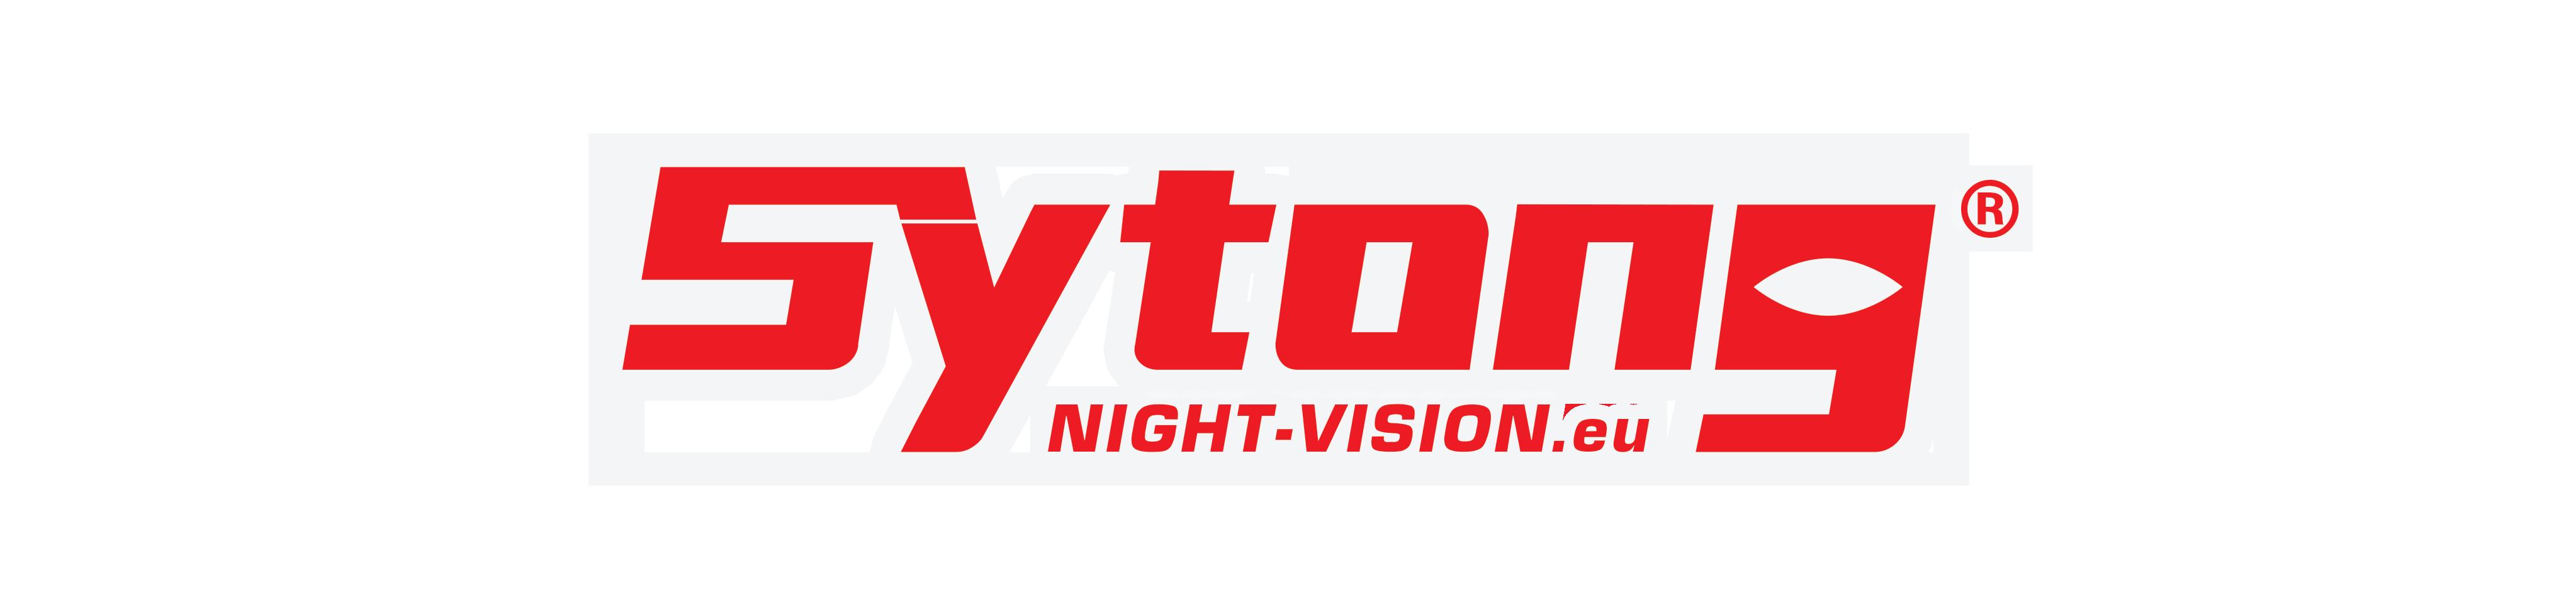 NACHTSICHT-TECHNIK - SYTONG NIGHT VISION